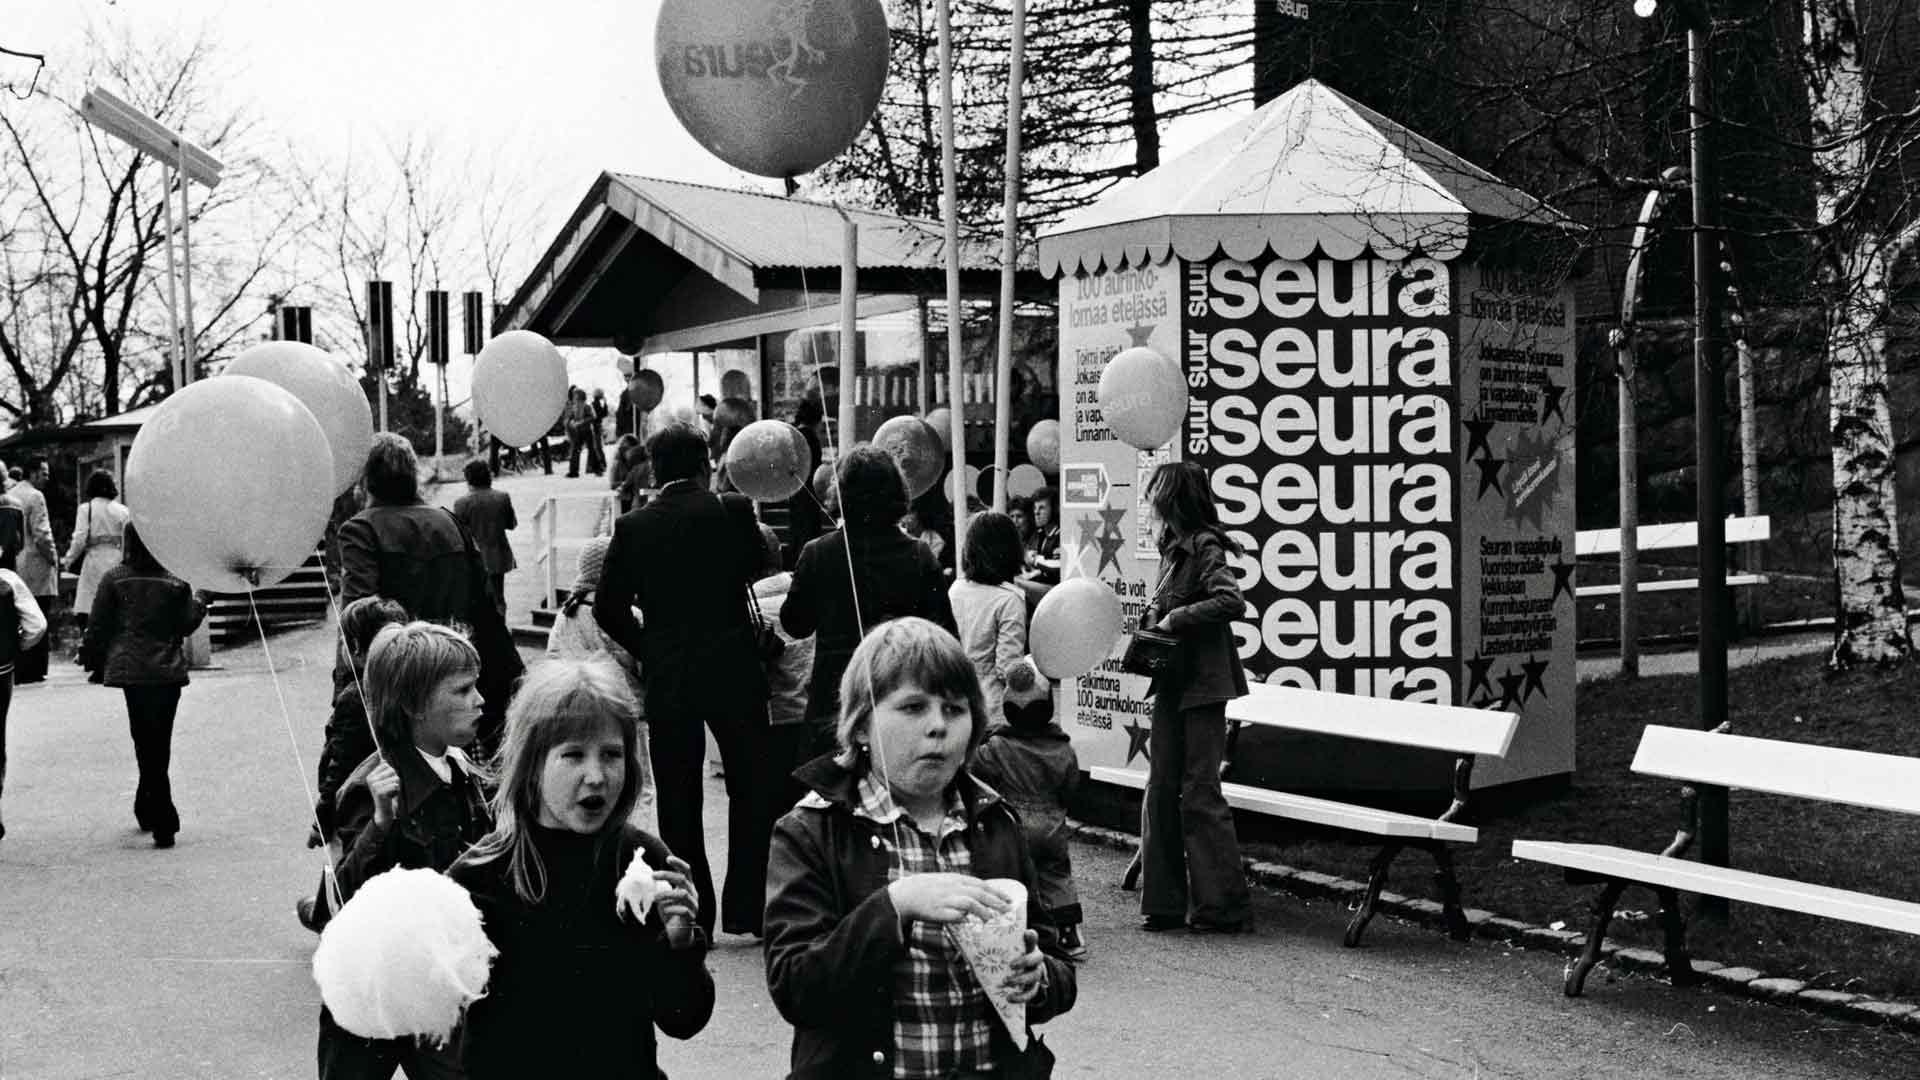 Kehrätty sokeripallo sai hattara-nimen kilpailun tuloksena. Herkku muistutti pilvenhattaraa.